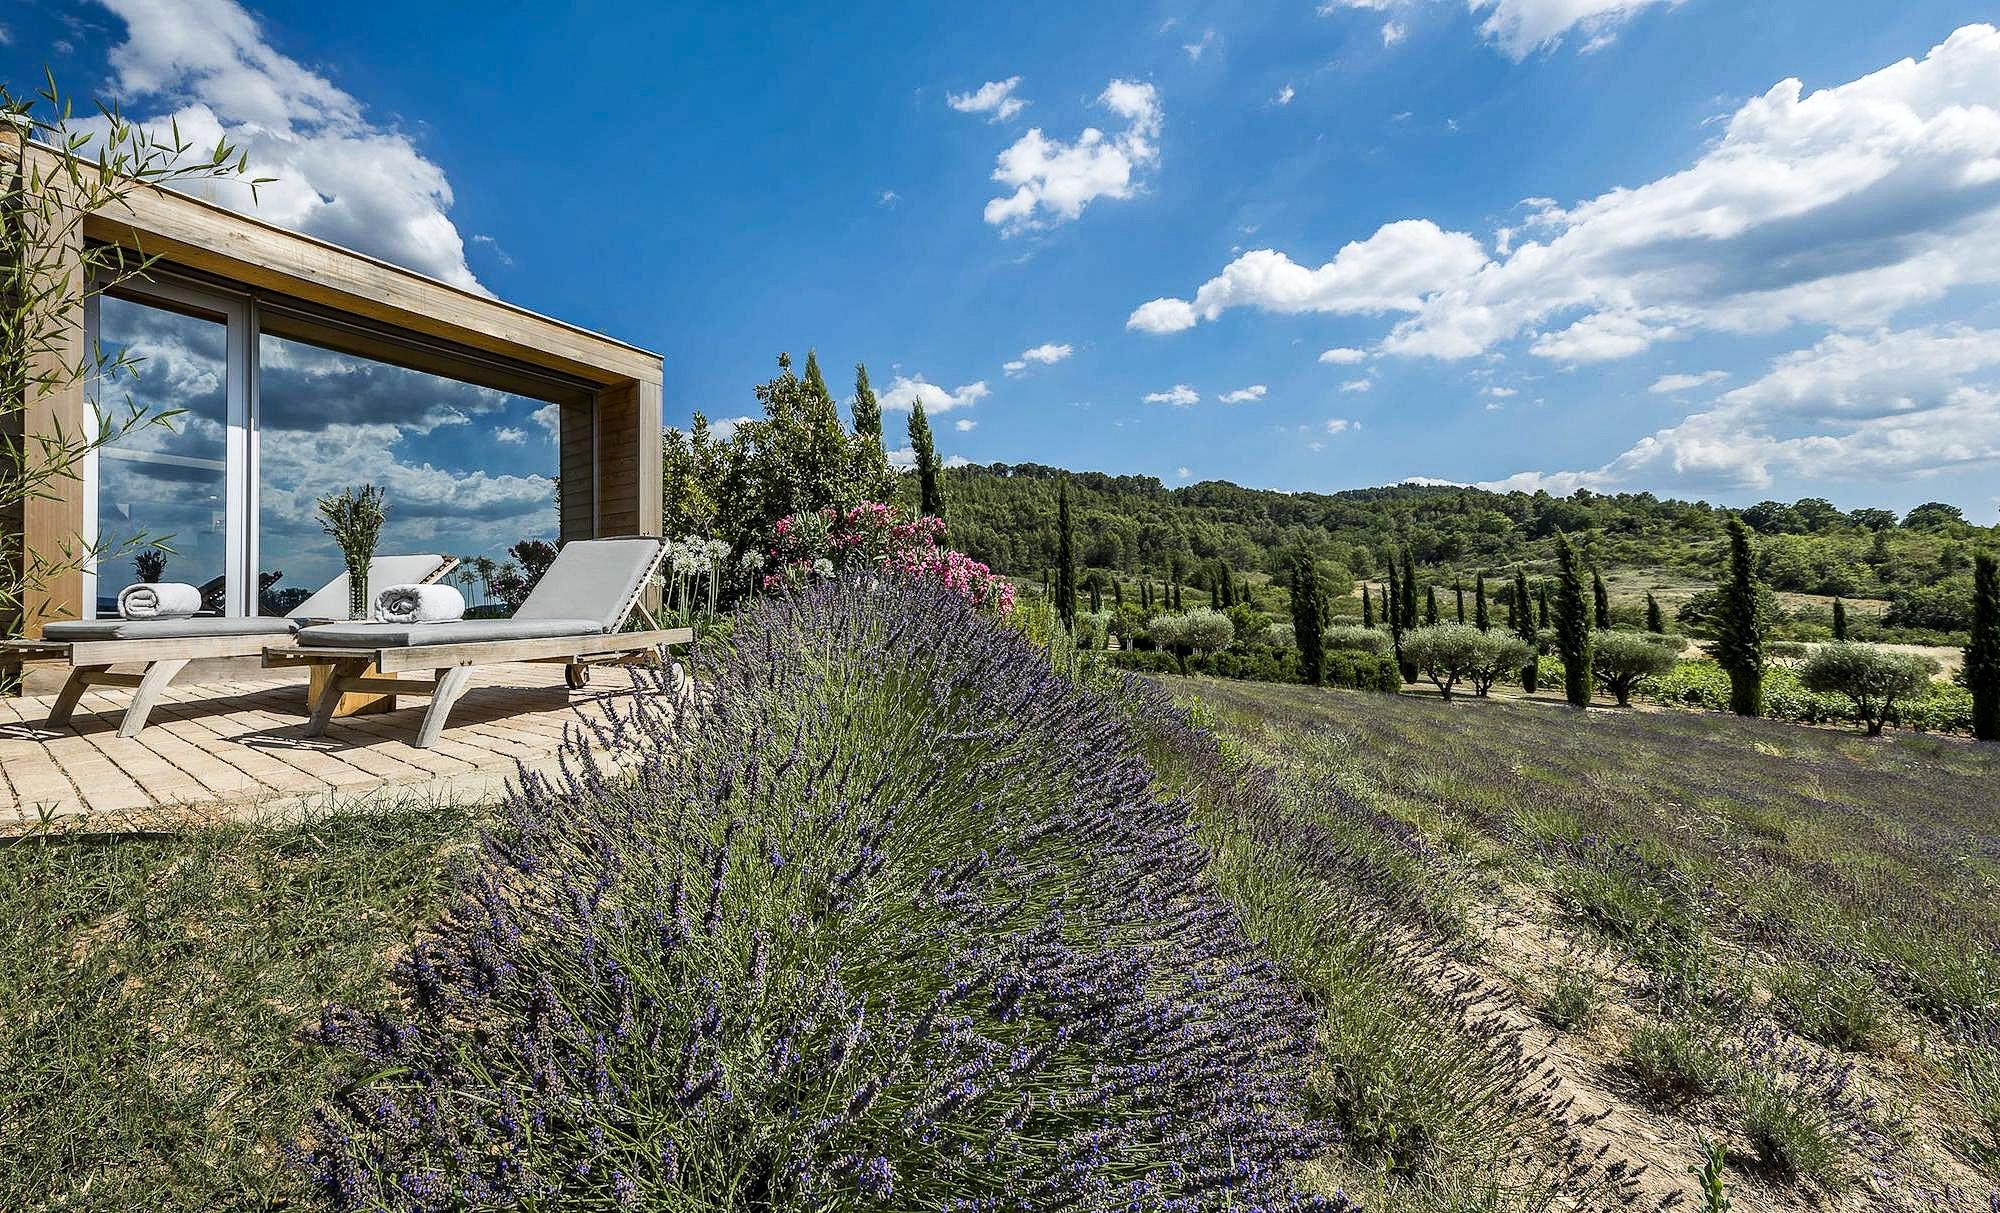 Les 5 caractéristiques les plus recherchées par les acheteurs de maisons de luxe